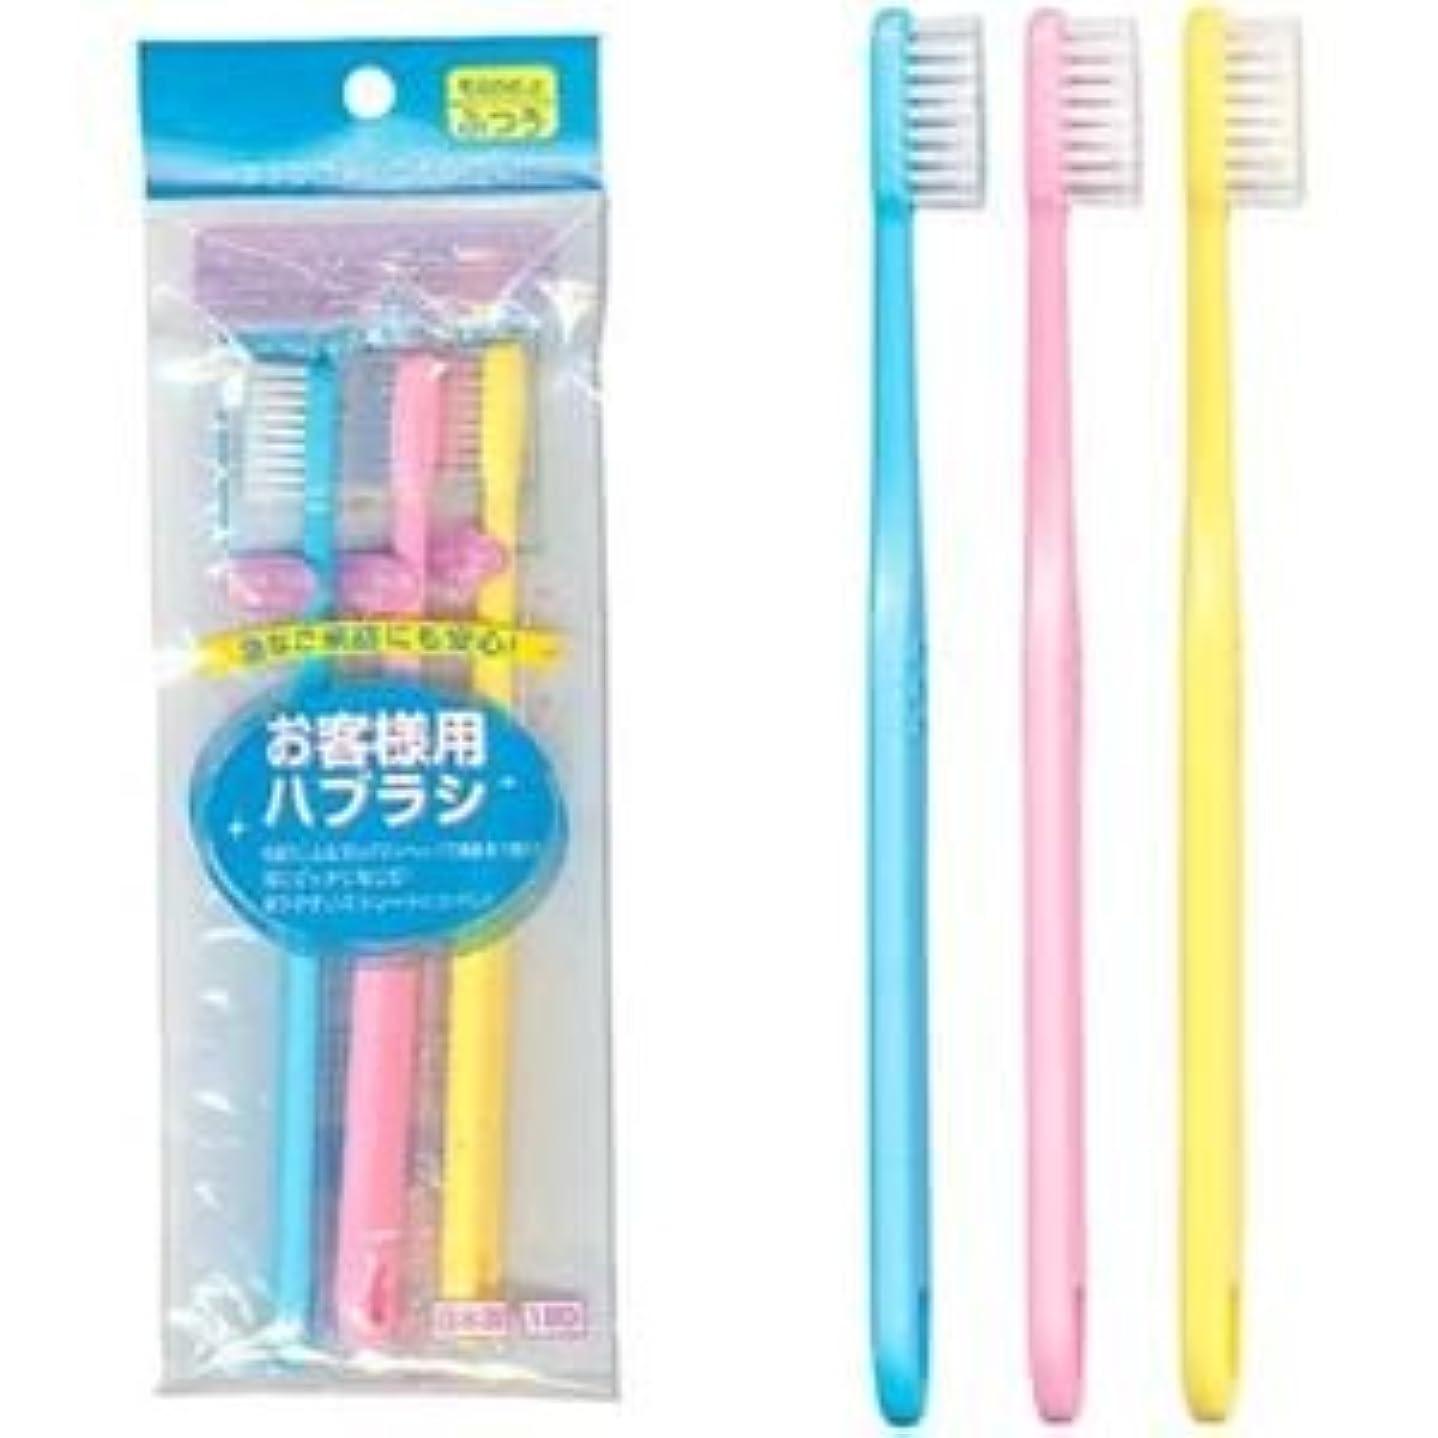 お客様用歯ブラシ(3P) 【12個セット】 41-006